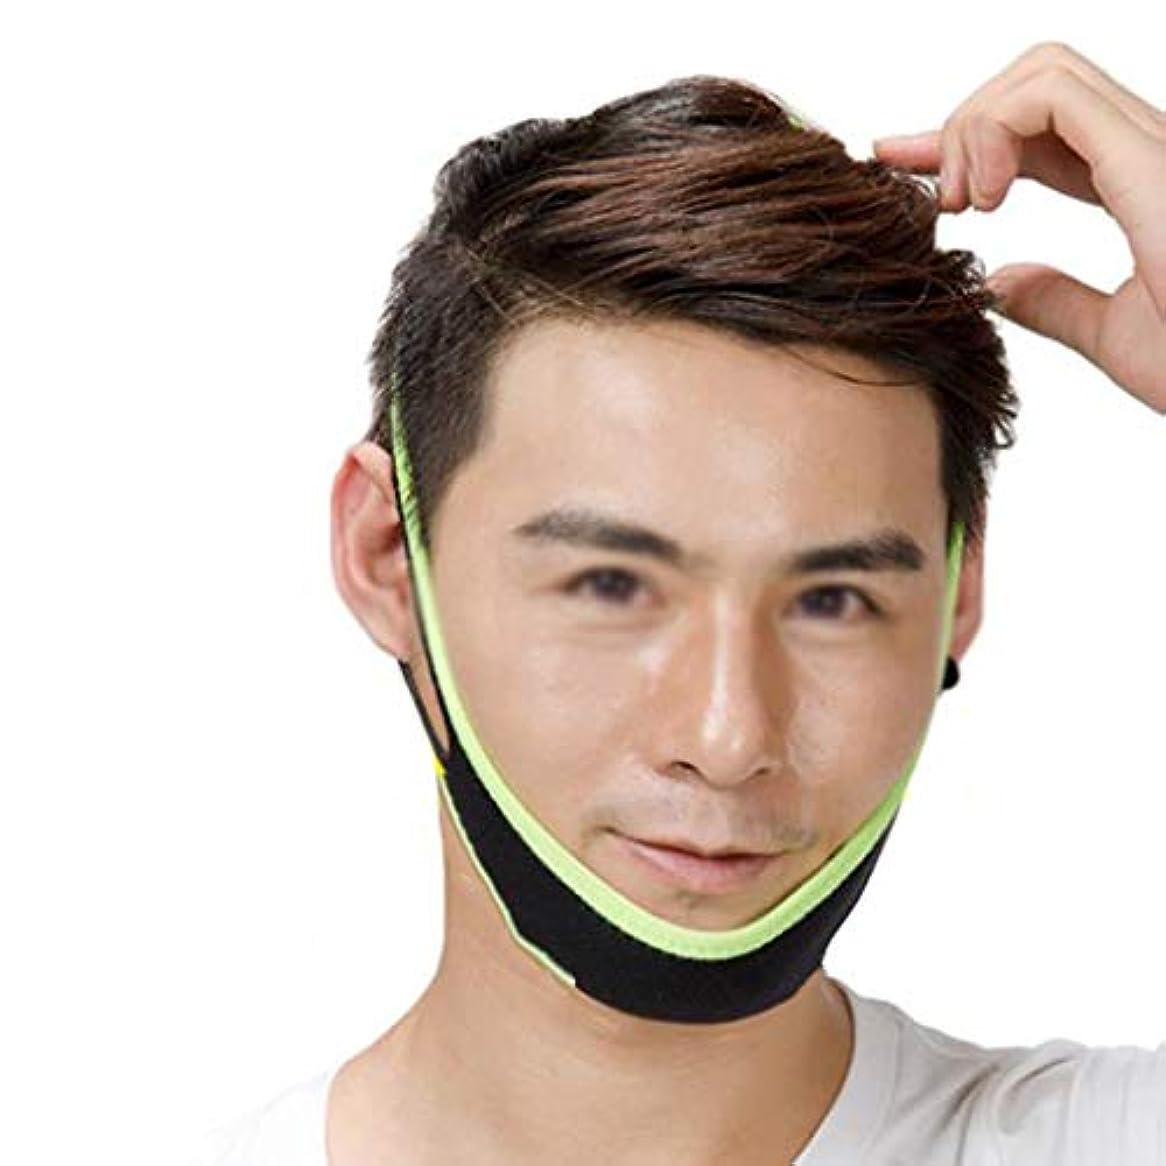 優越数値説教ZWBD フェイスマスク, マスクアーチファクトアーティファクトリフティングマッサージアーティファクト付き薄い顔の包帯メンズスペシャルスリープスモールVフェイス